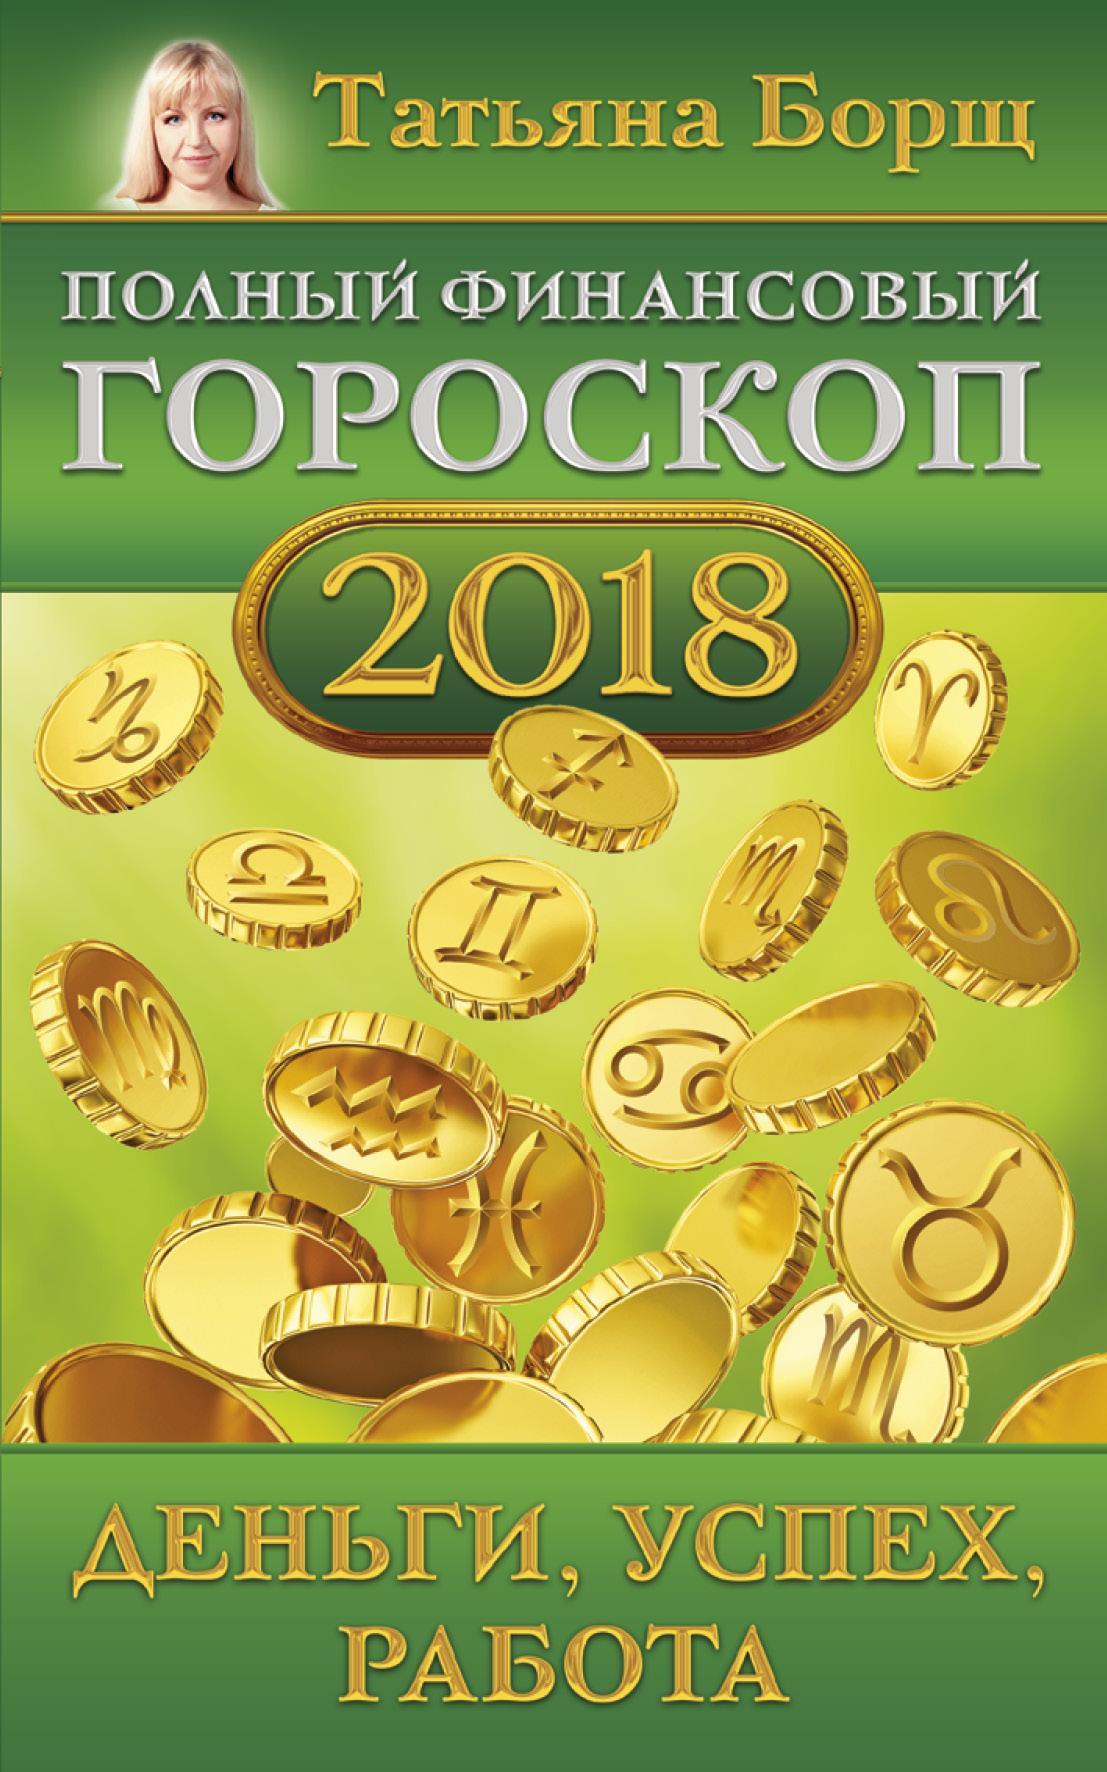 Полный финансовый гороскоп на 2018 год: деньги, успех, работа